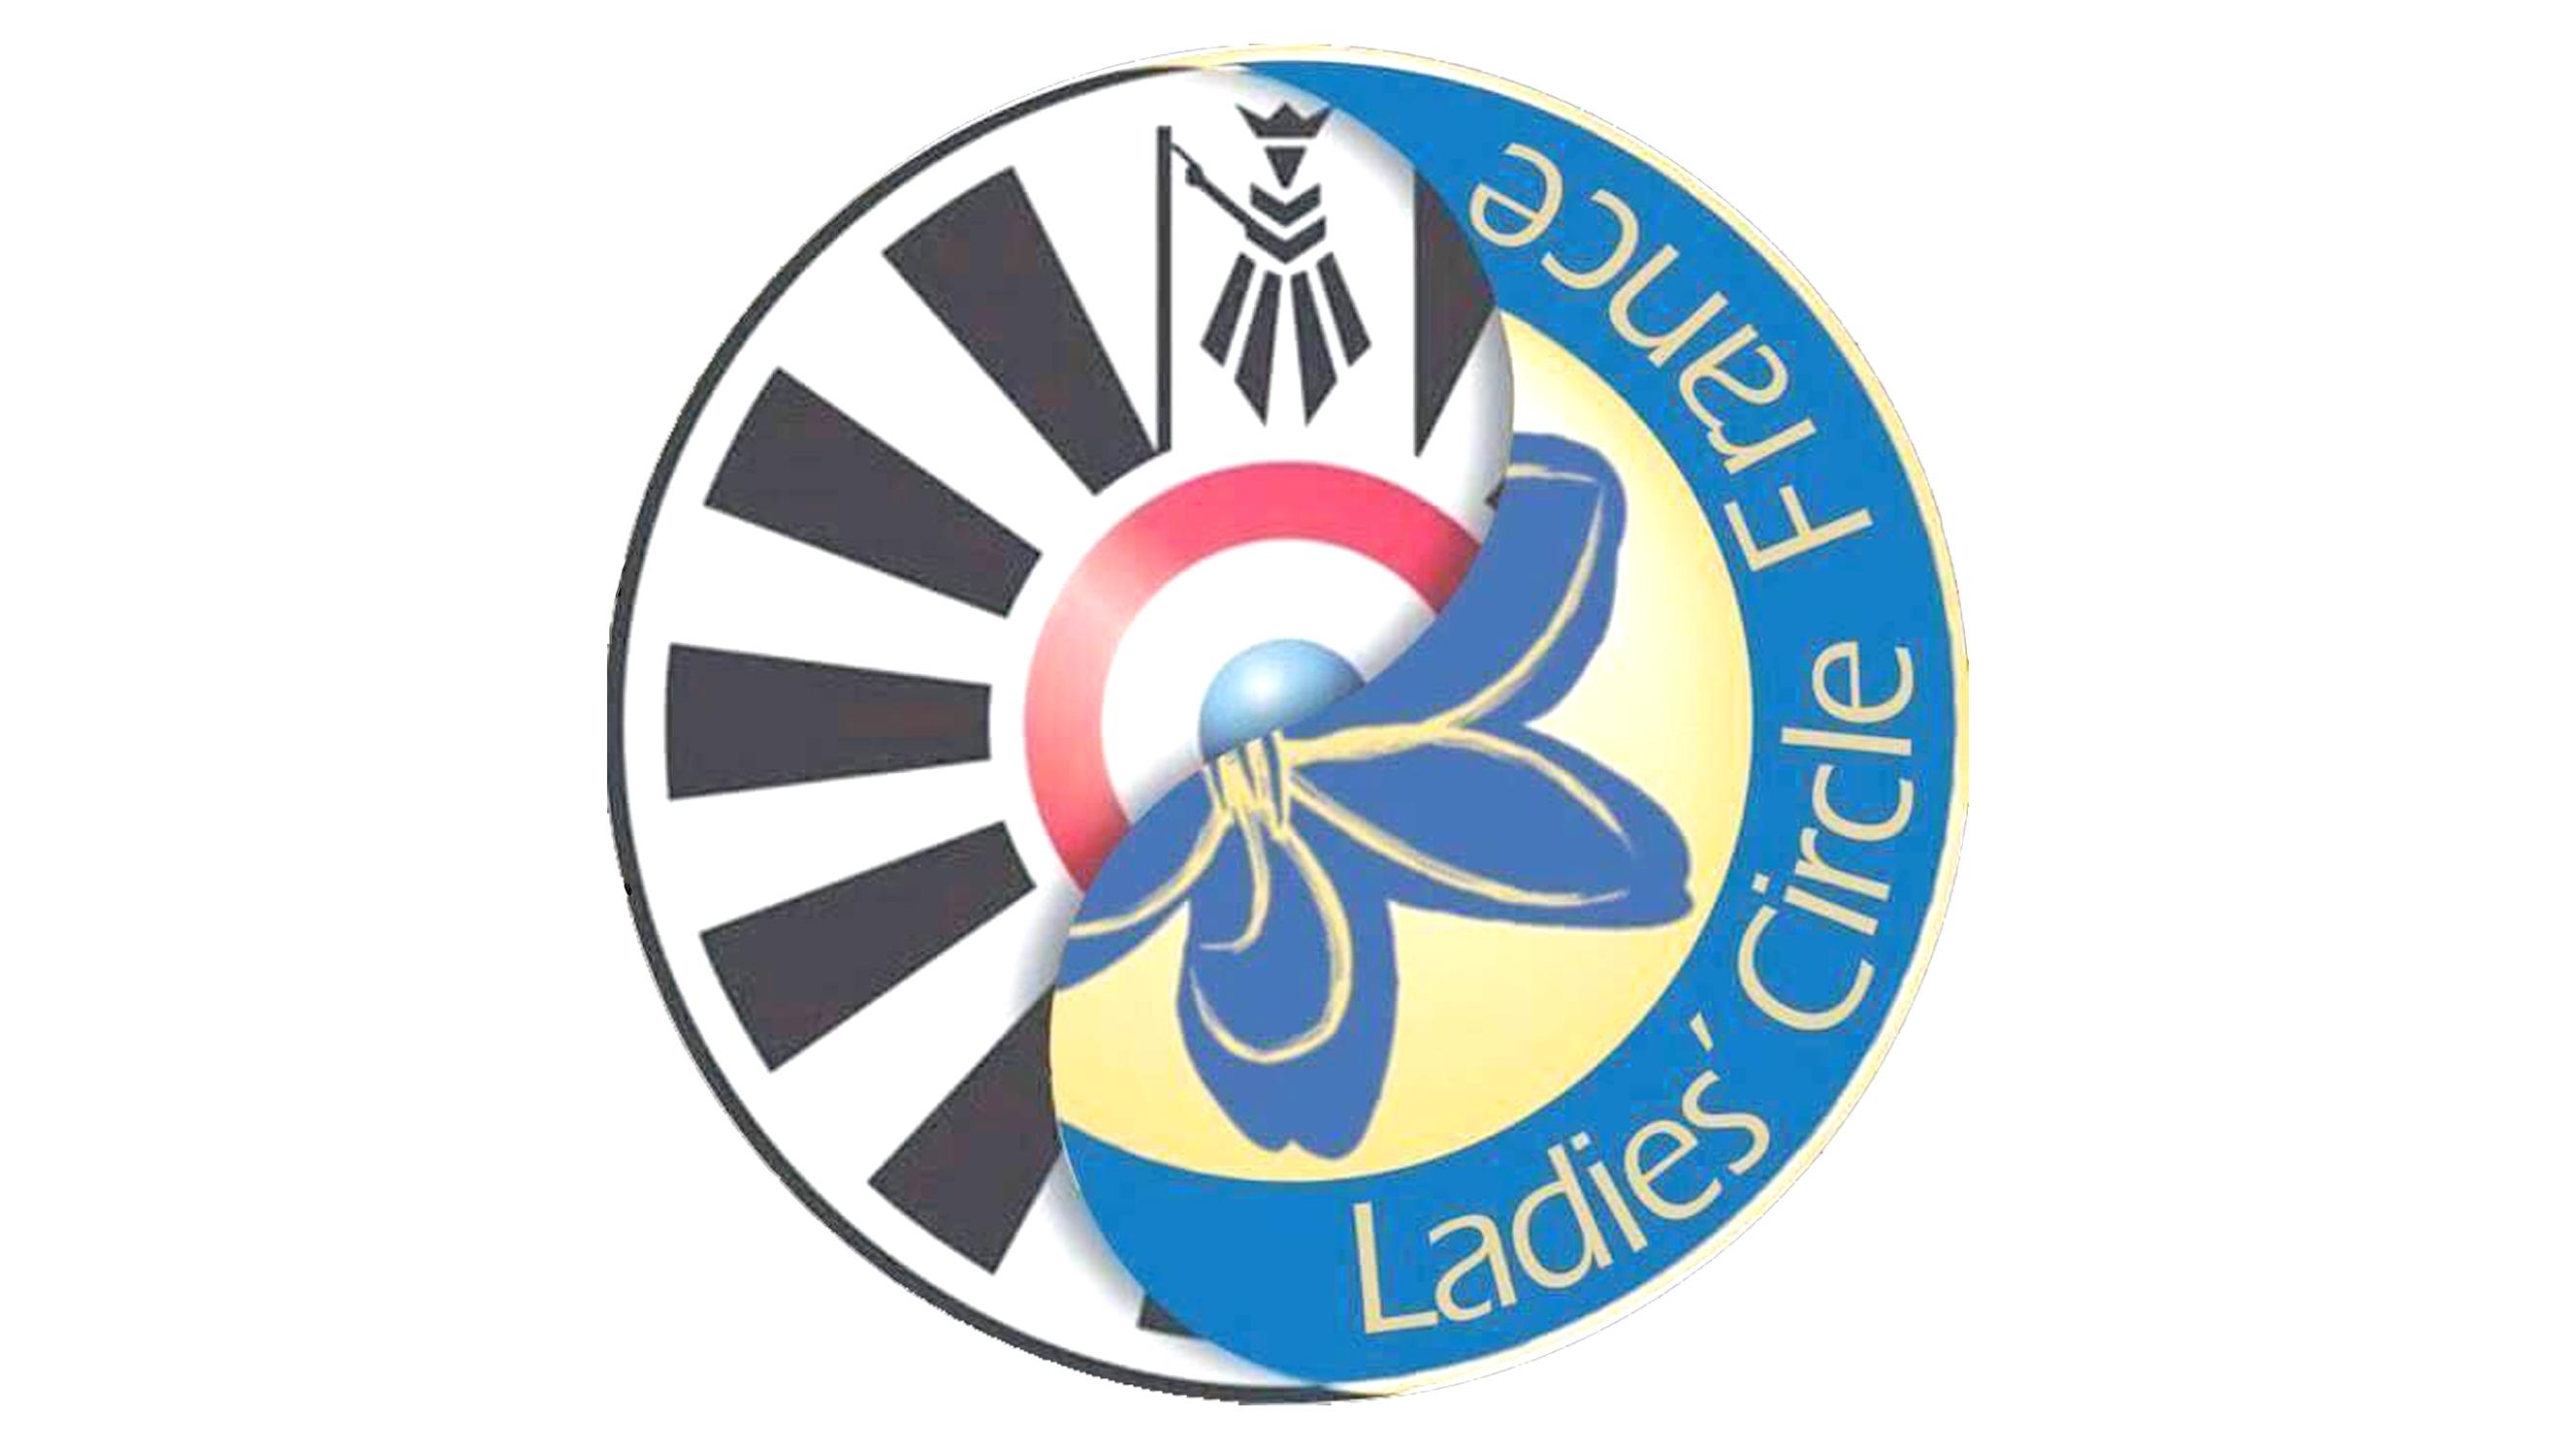 Ladies' Circle France - Logo sidebyside